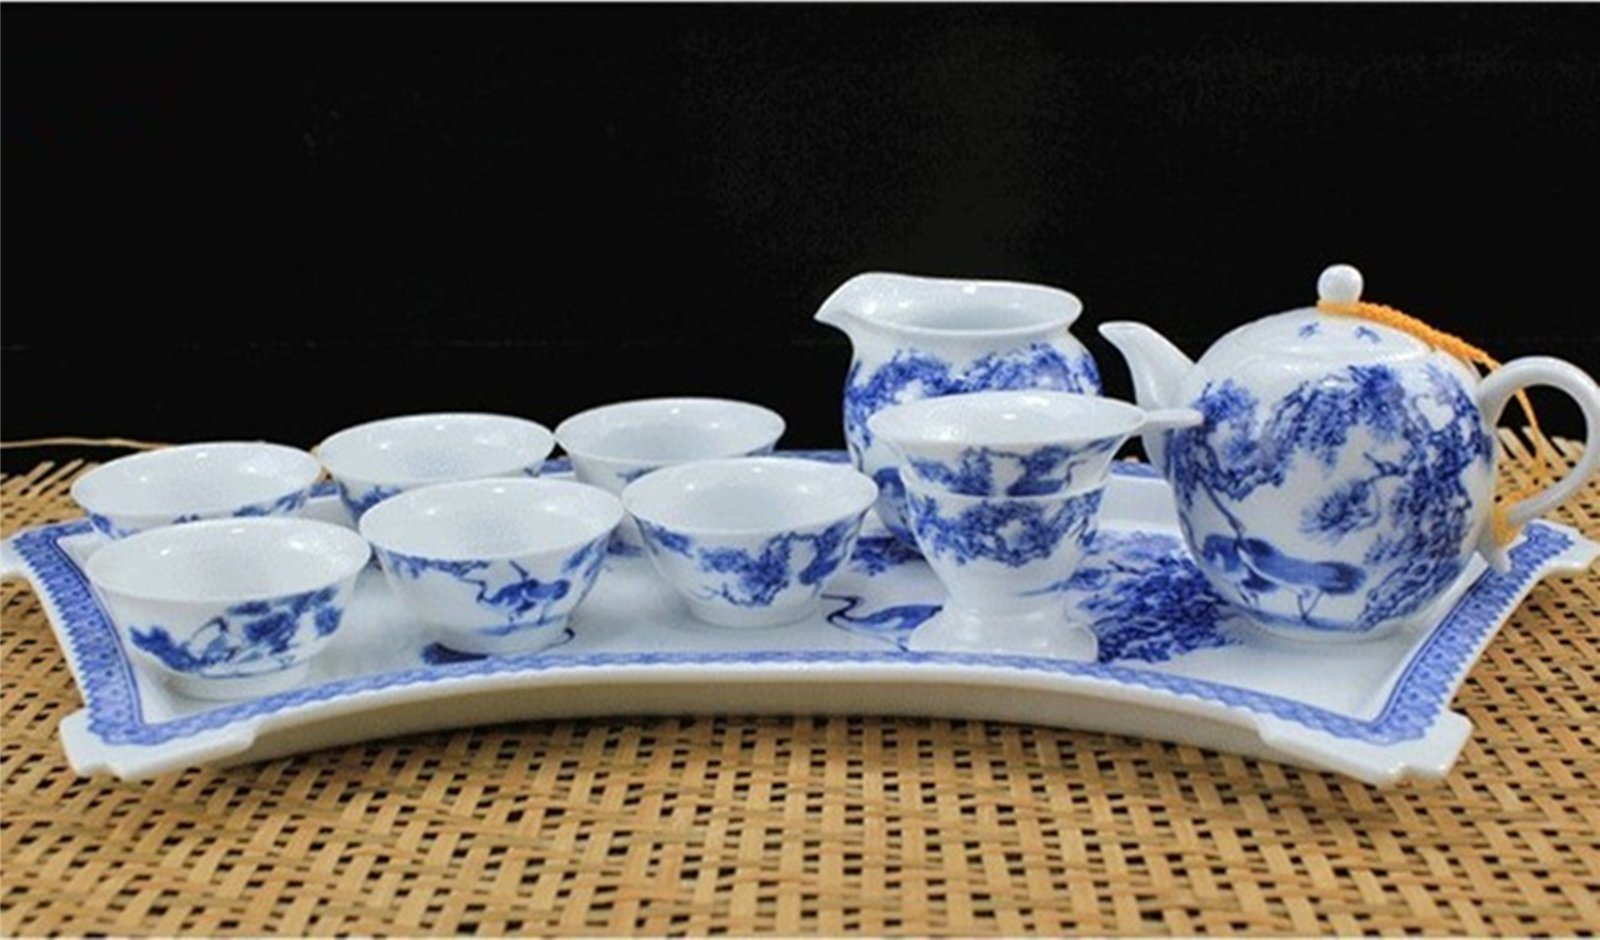 陶瓷扇形盘茶具套装